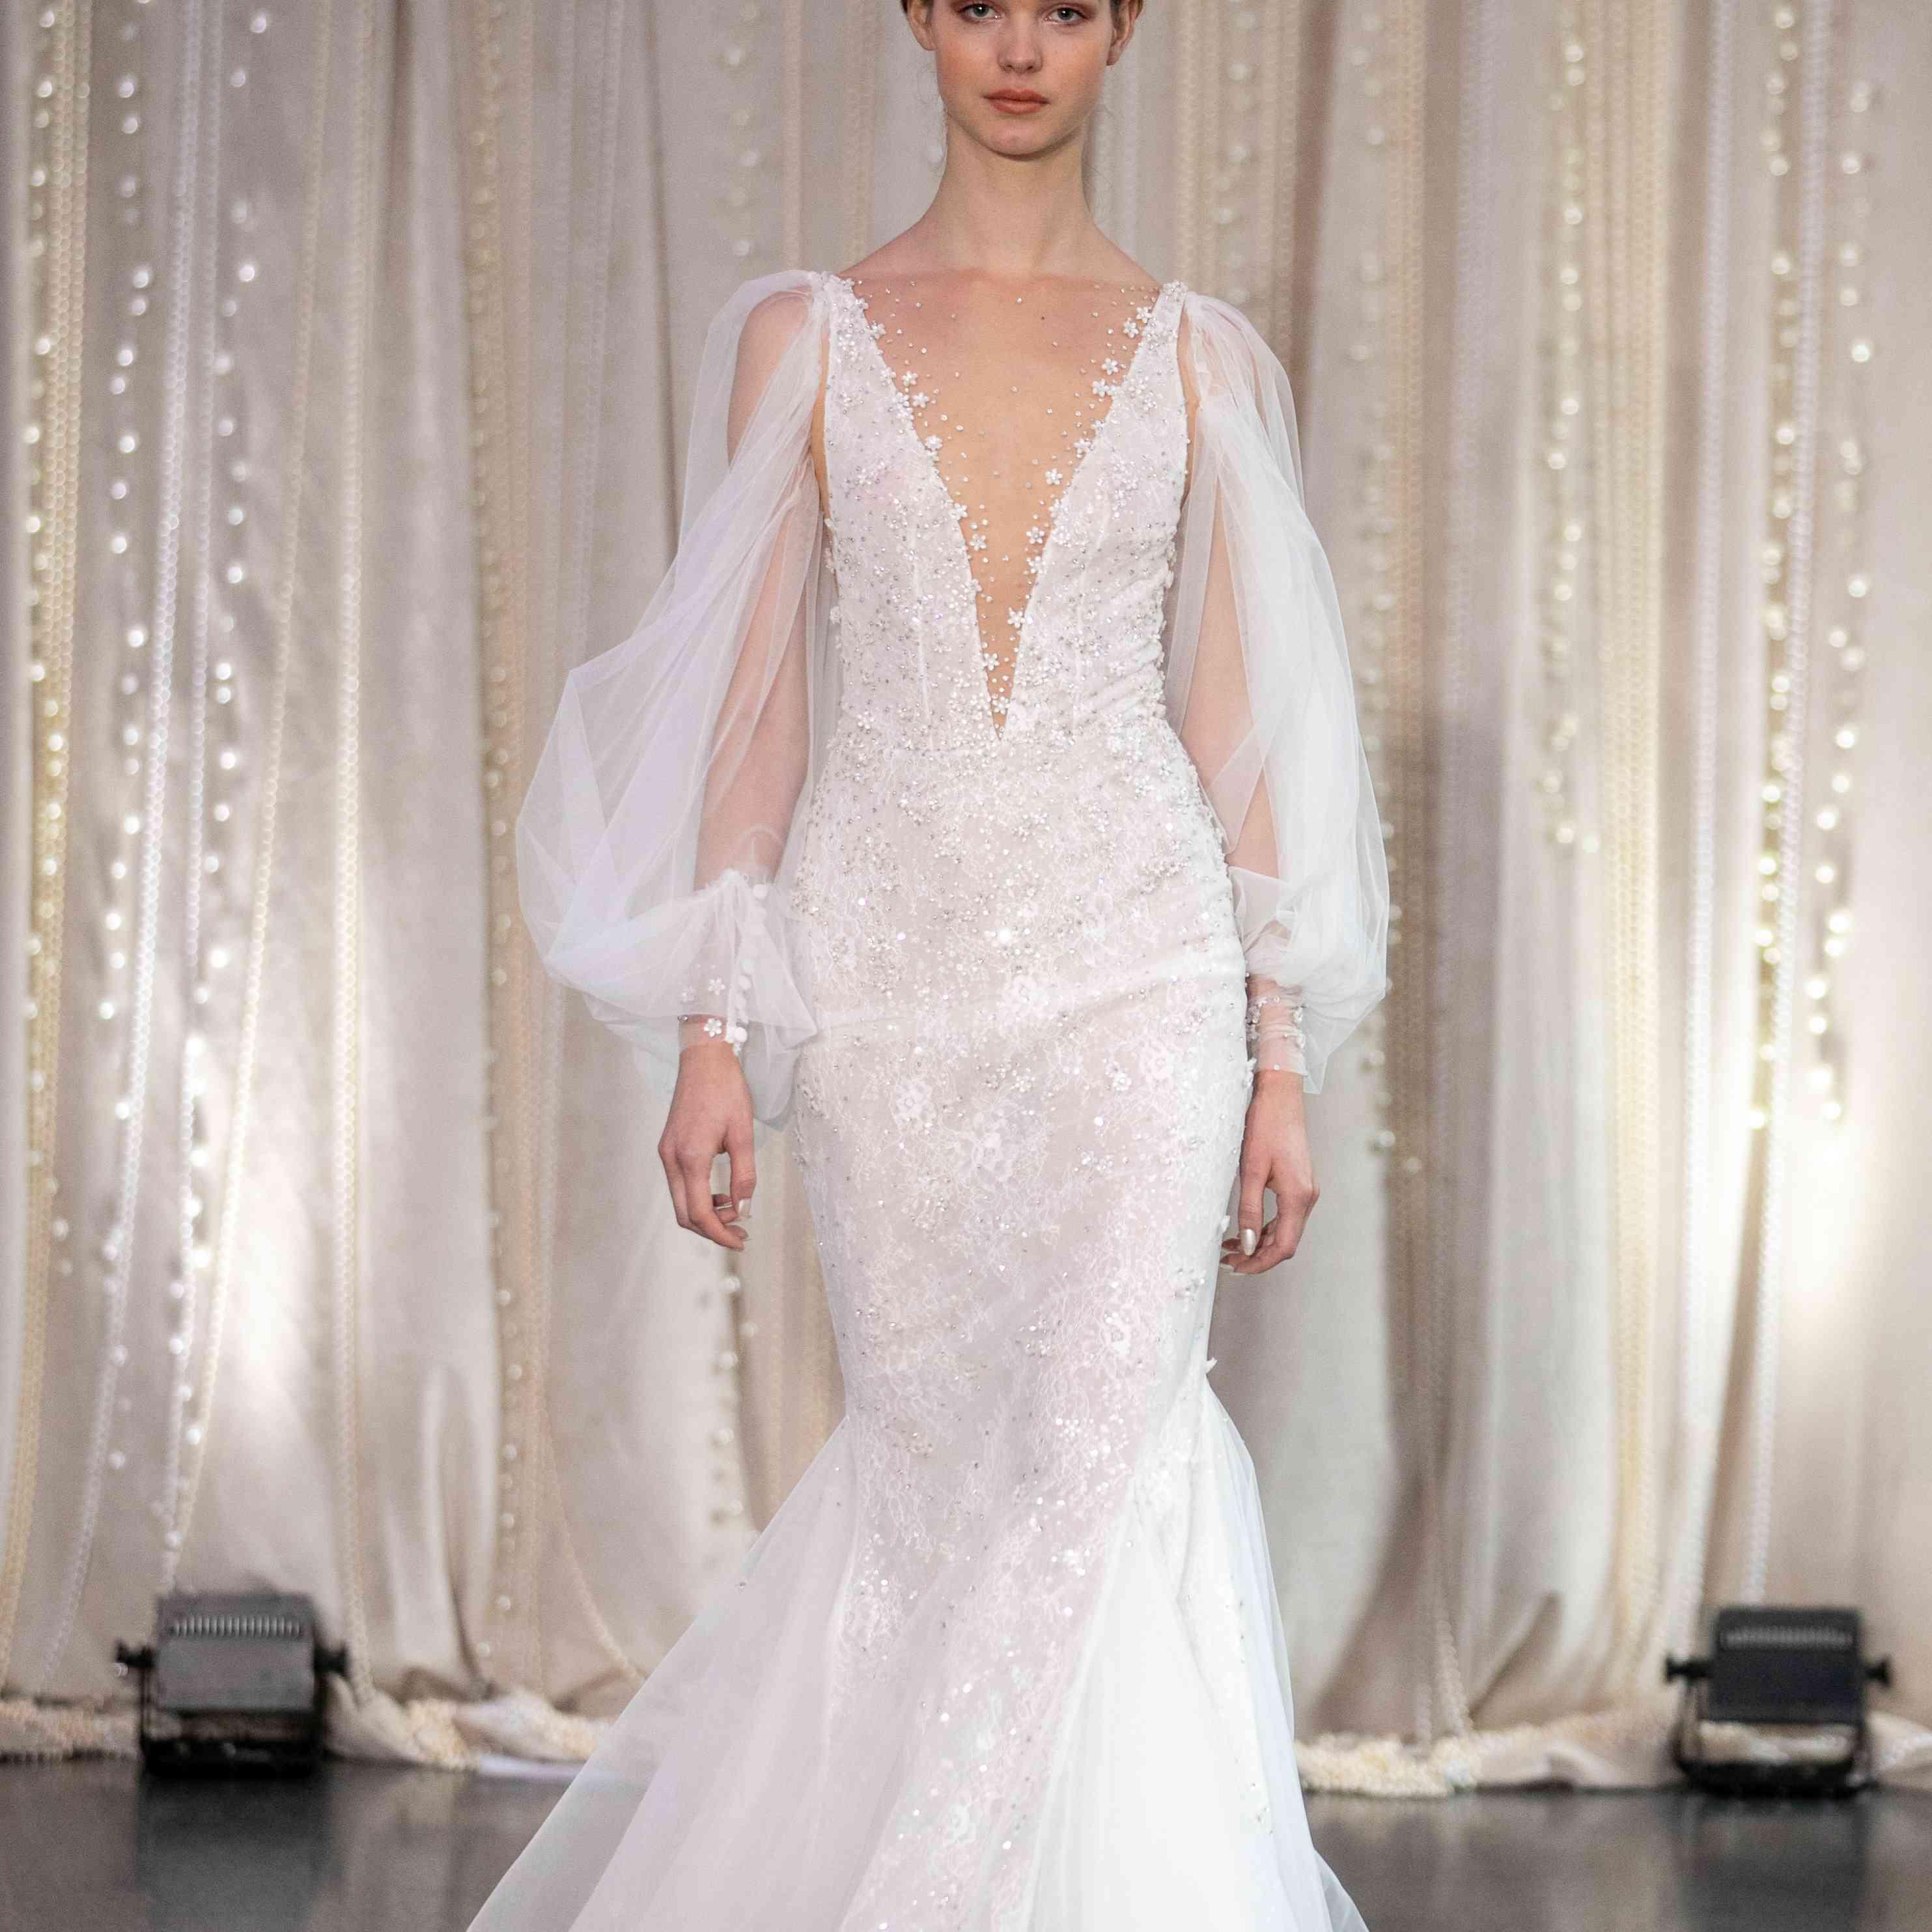 Model in long sleeve mermaid wedding dress